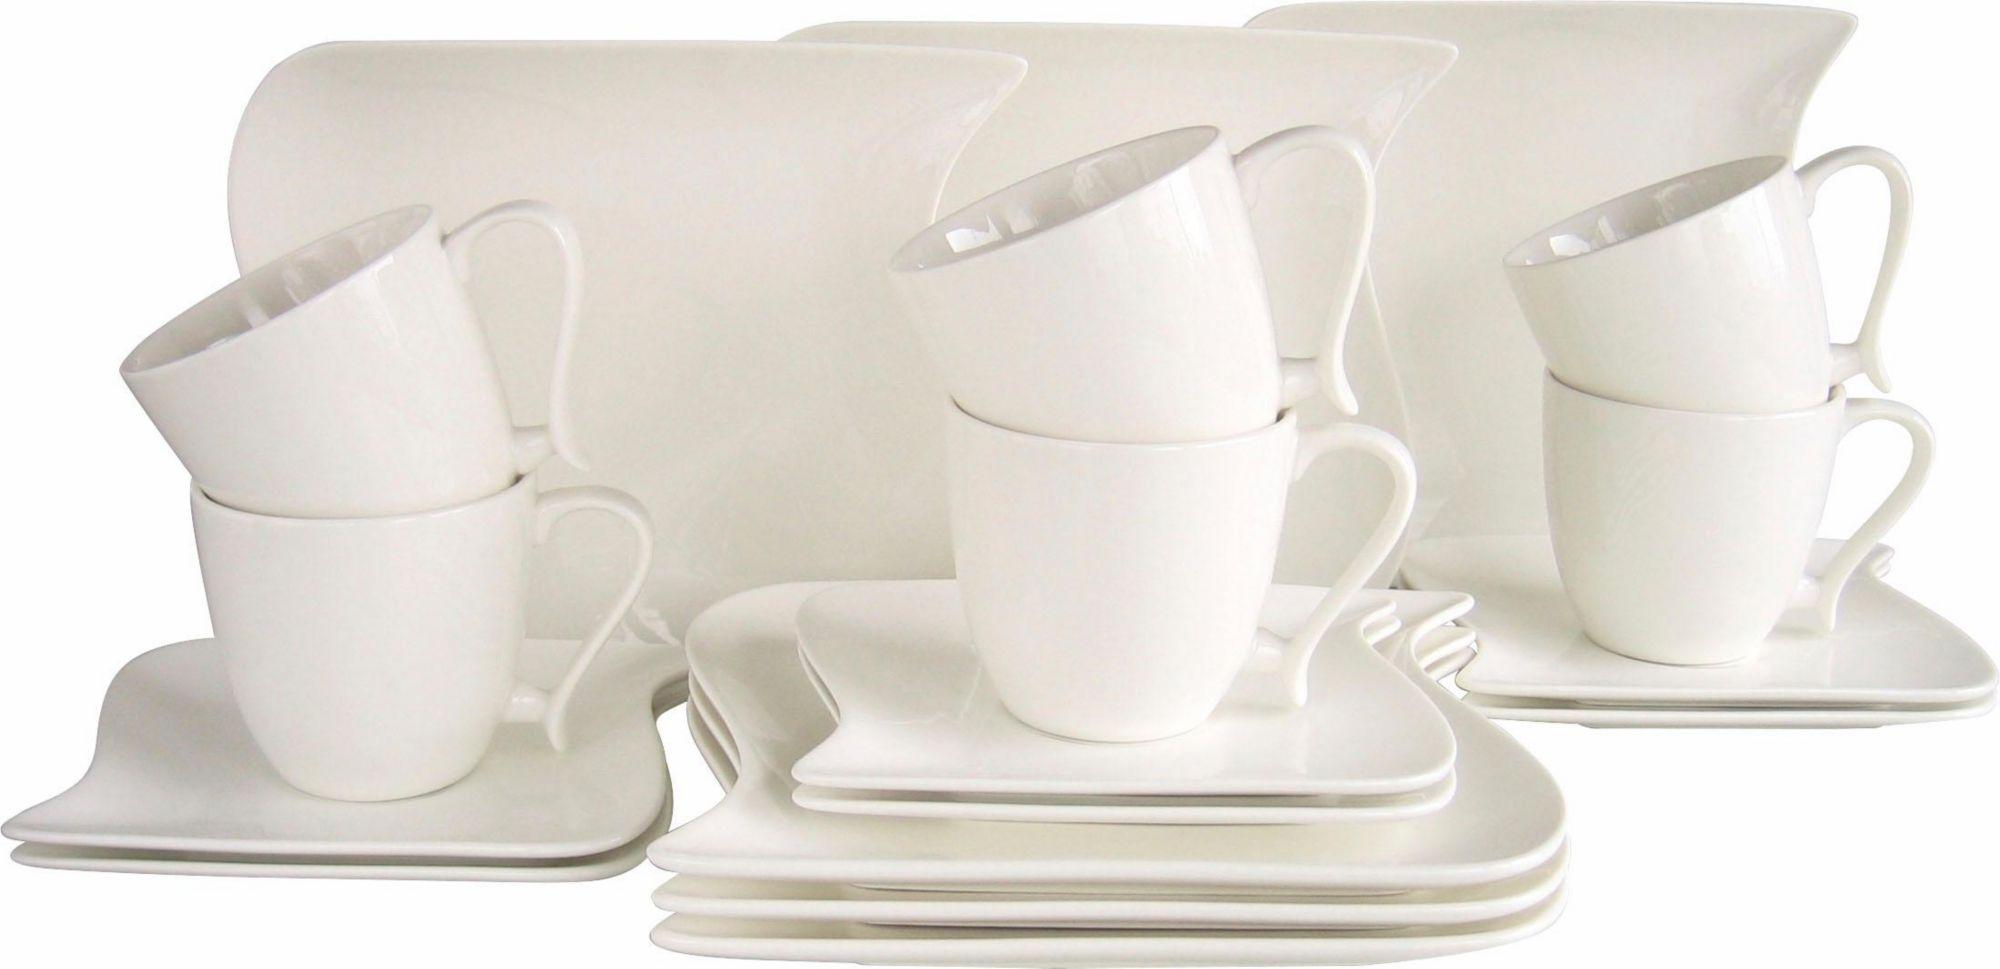 CREATABLE CreaTable Kaffeeservice, Porzellan, »Ocean« (18-teilig)